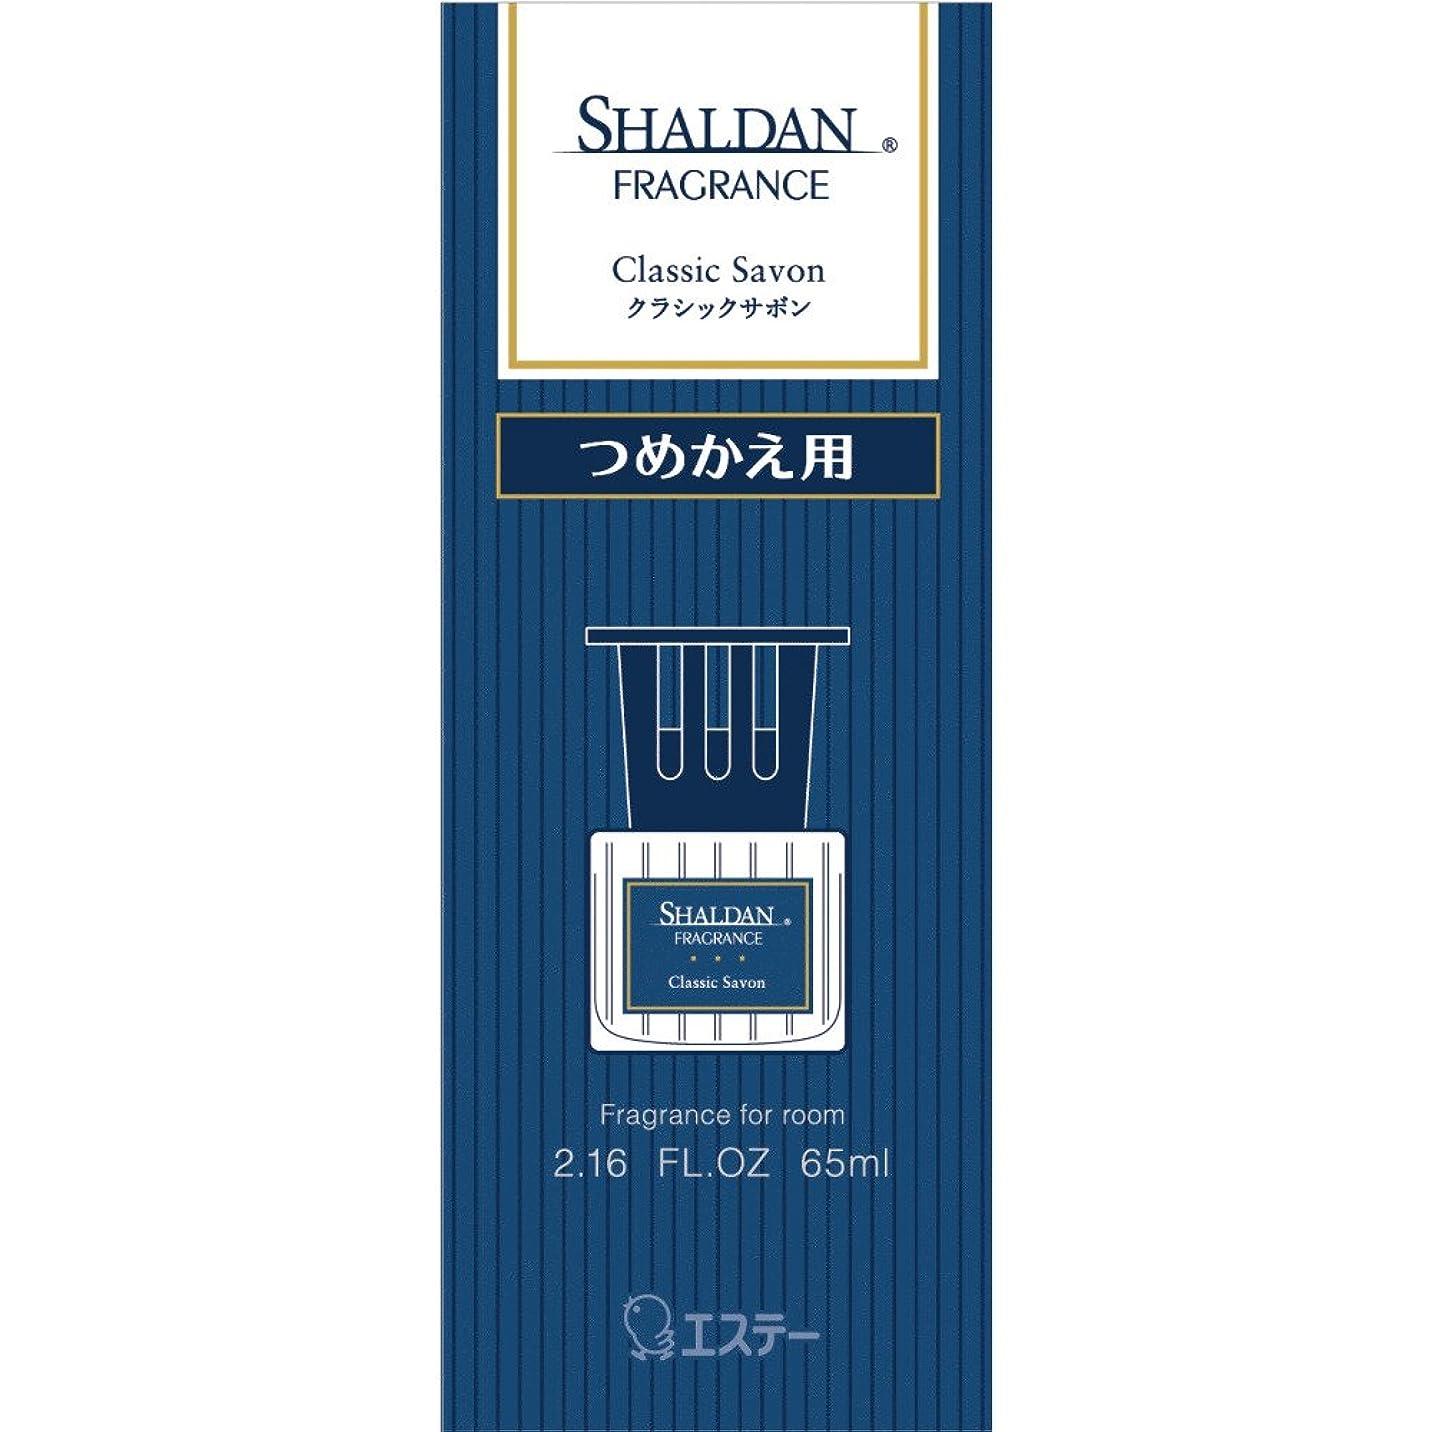 影響を受けやすいです甘やかす文言シャルダン SHALDAN フレグランス 消臭芳香剤 部屋用 つめかえ クラシックサボン 65ml